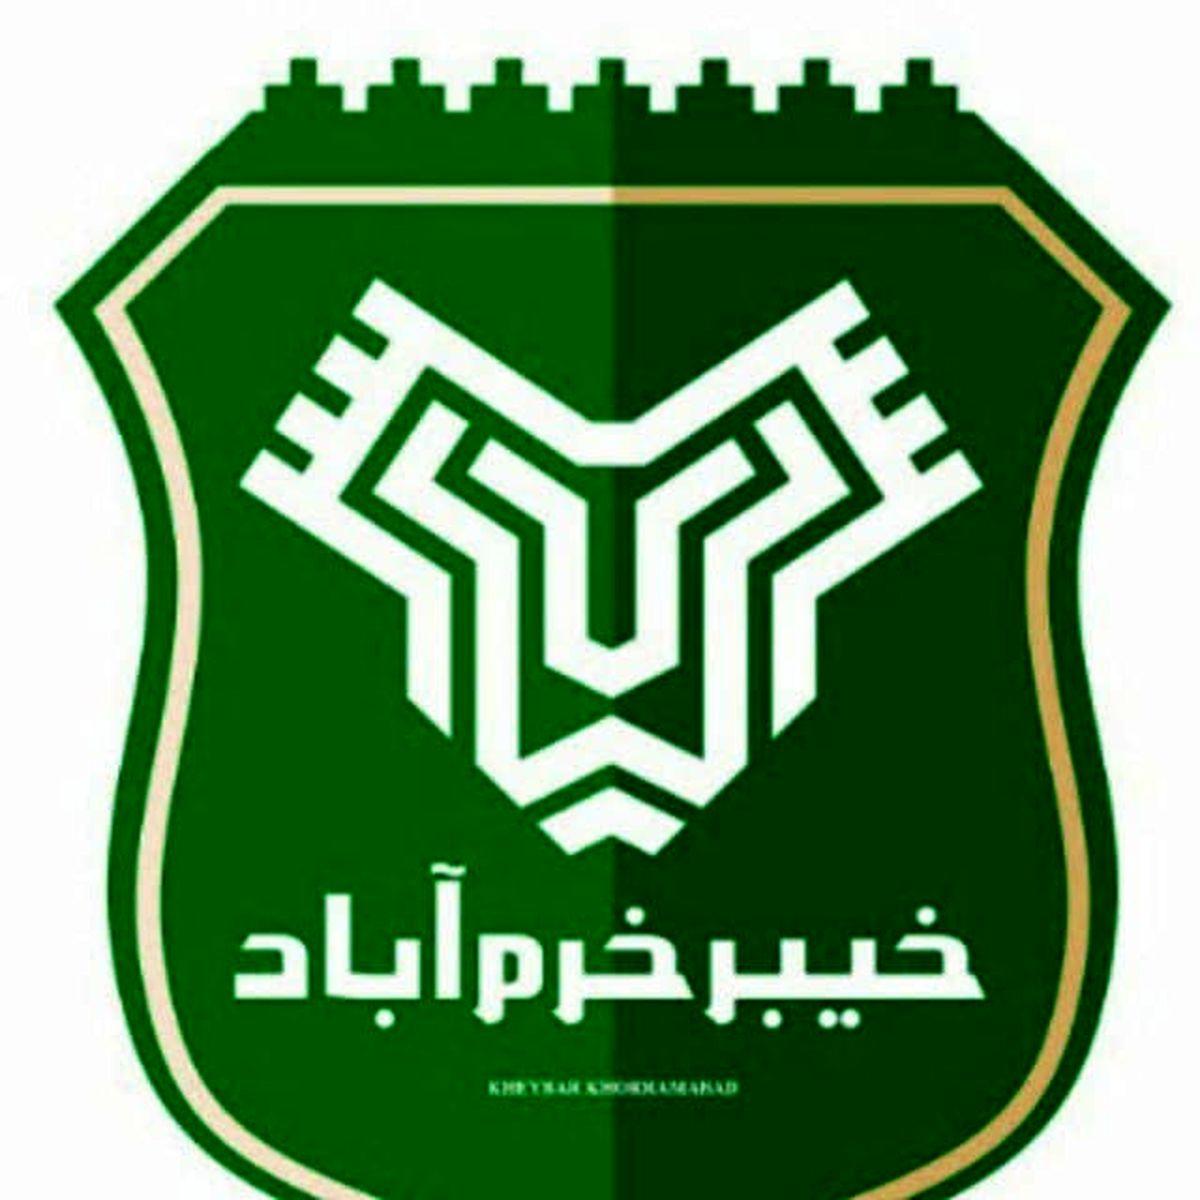 تهران میزبان رقبای خیبر خرم آباد!